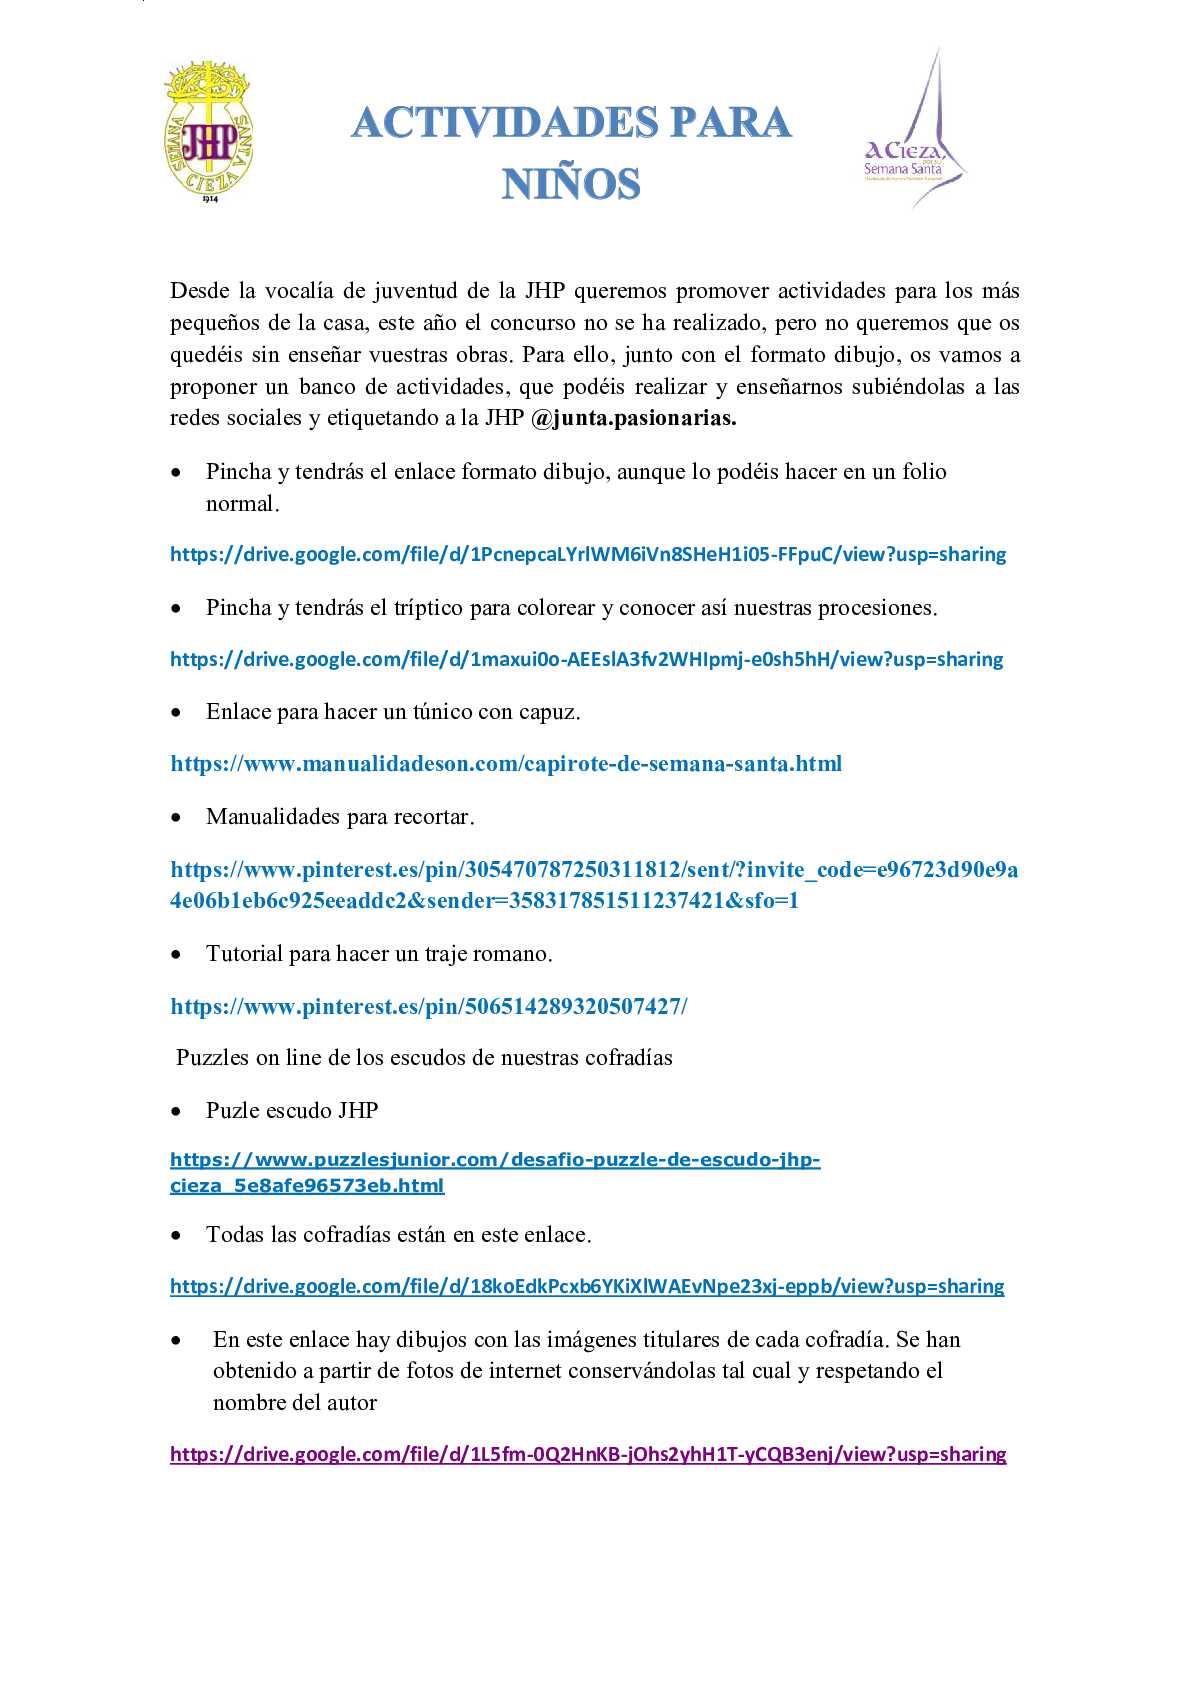 Actividades para niños.pdf